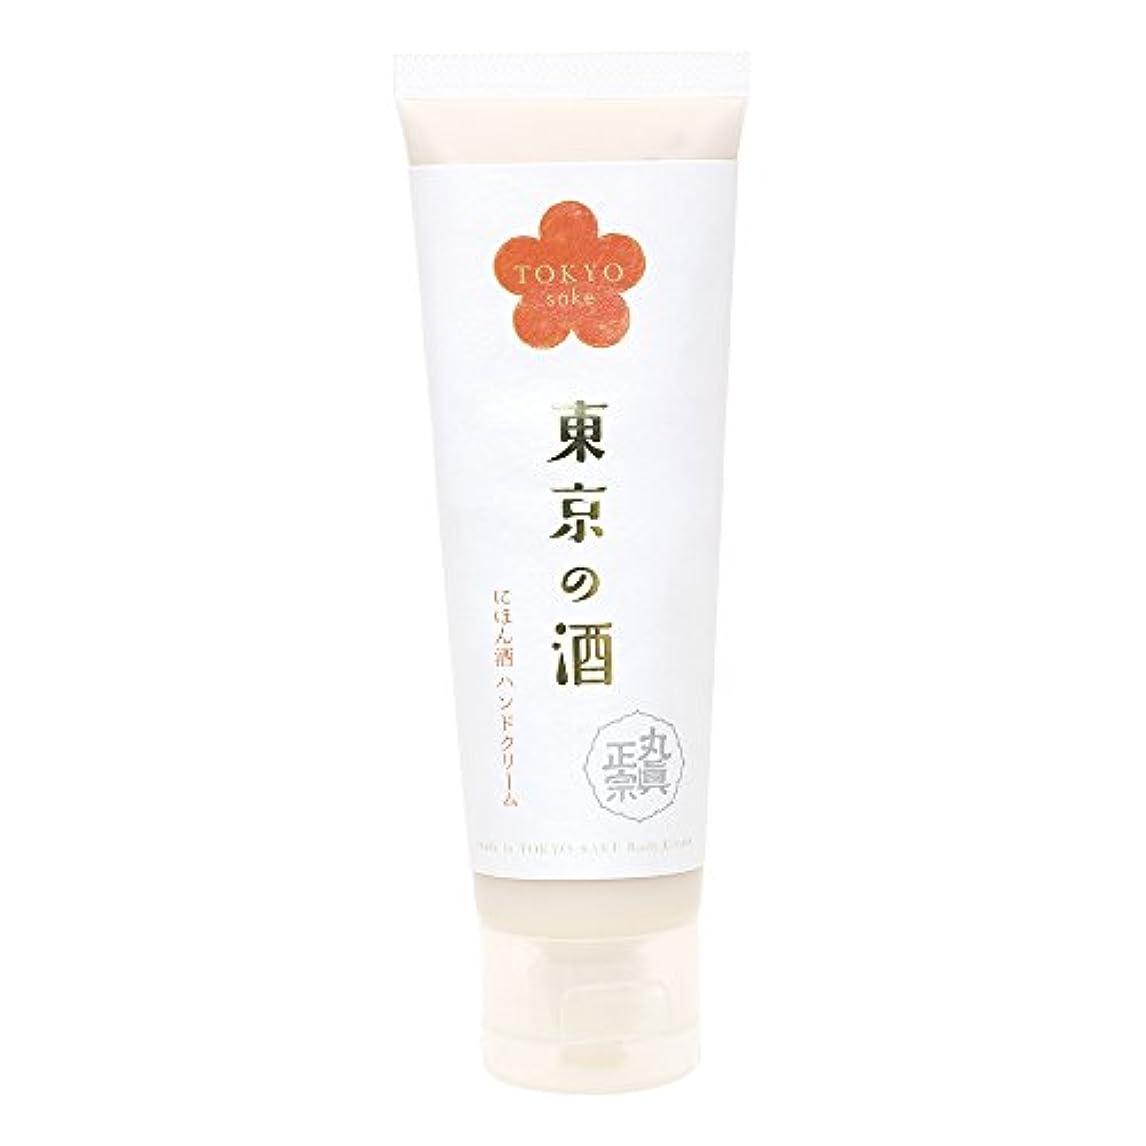 リングレット比較鼻ノルコーポレーション 東京の酒 ハンドクリーム OB-TKY-2-1 65~70g